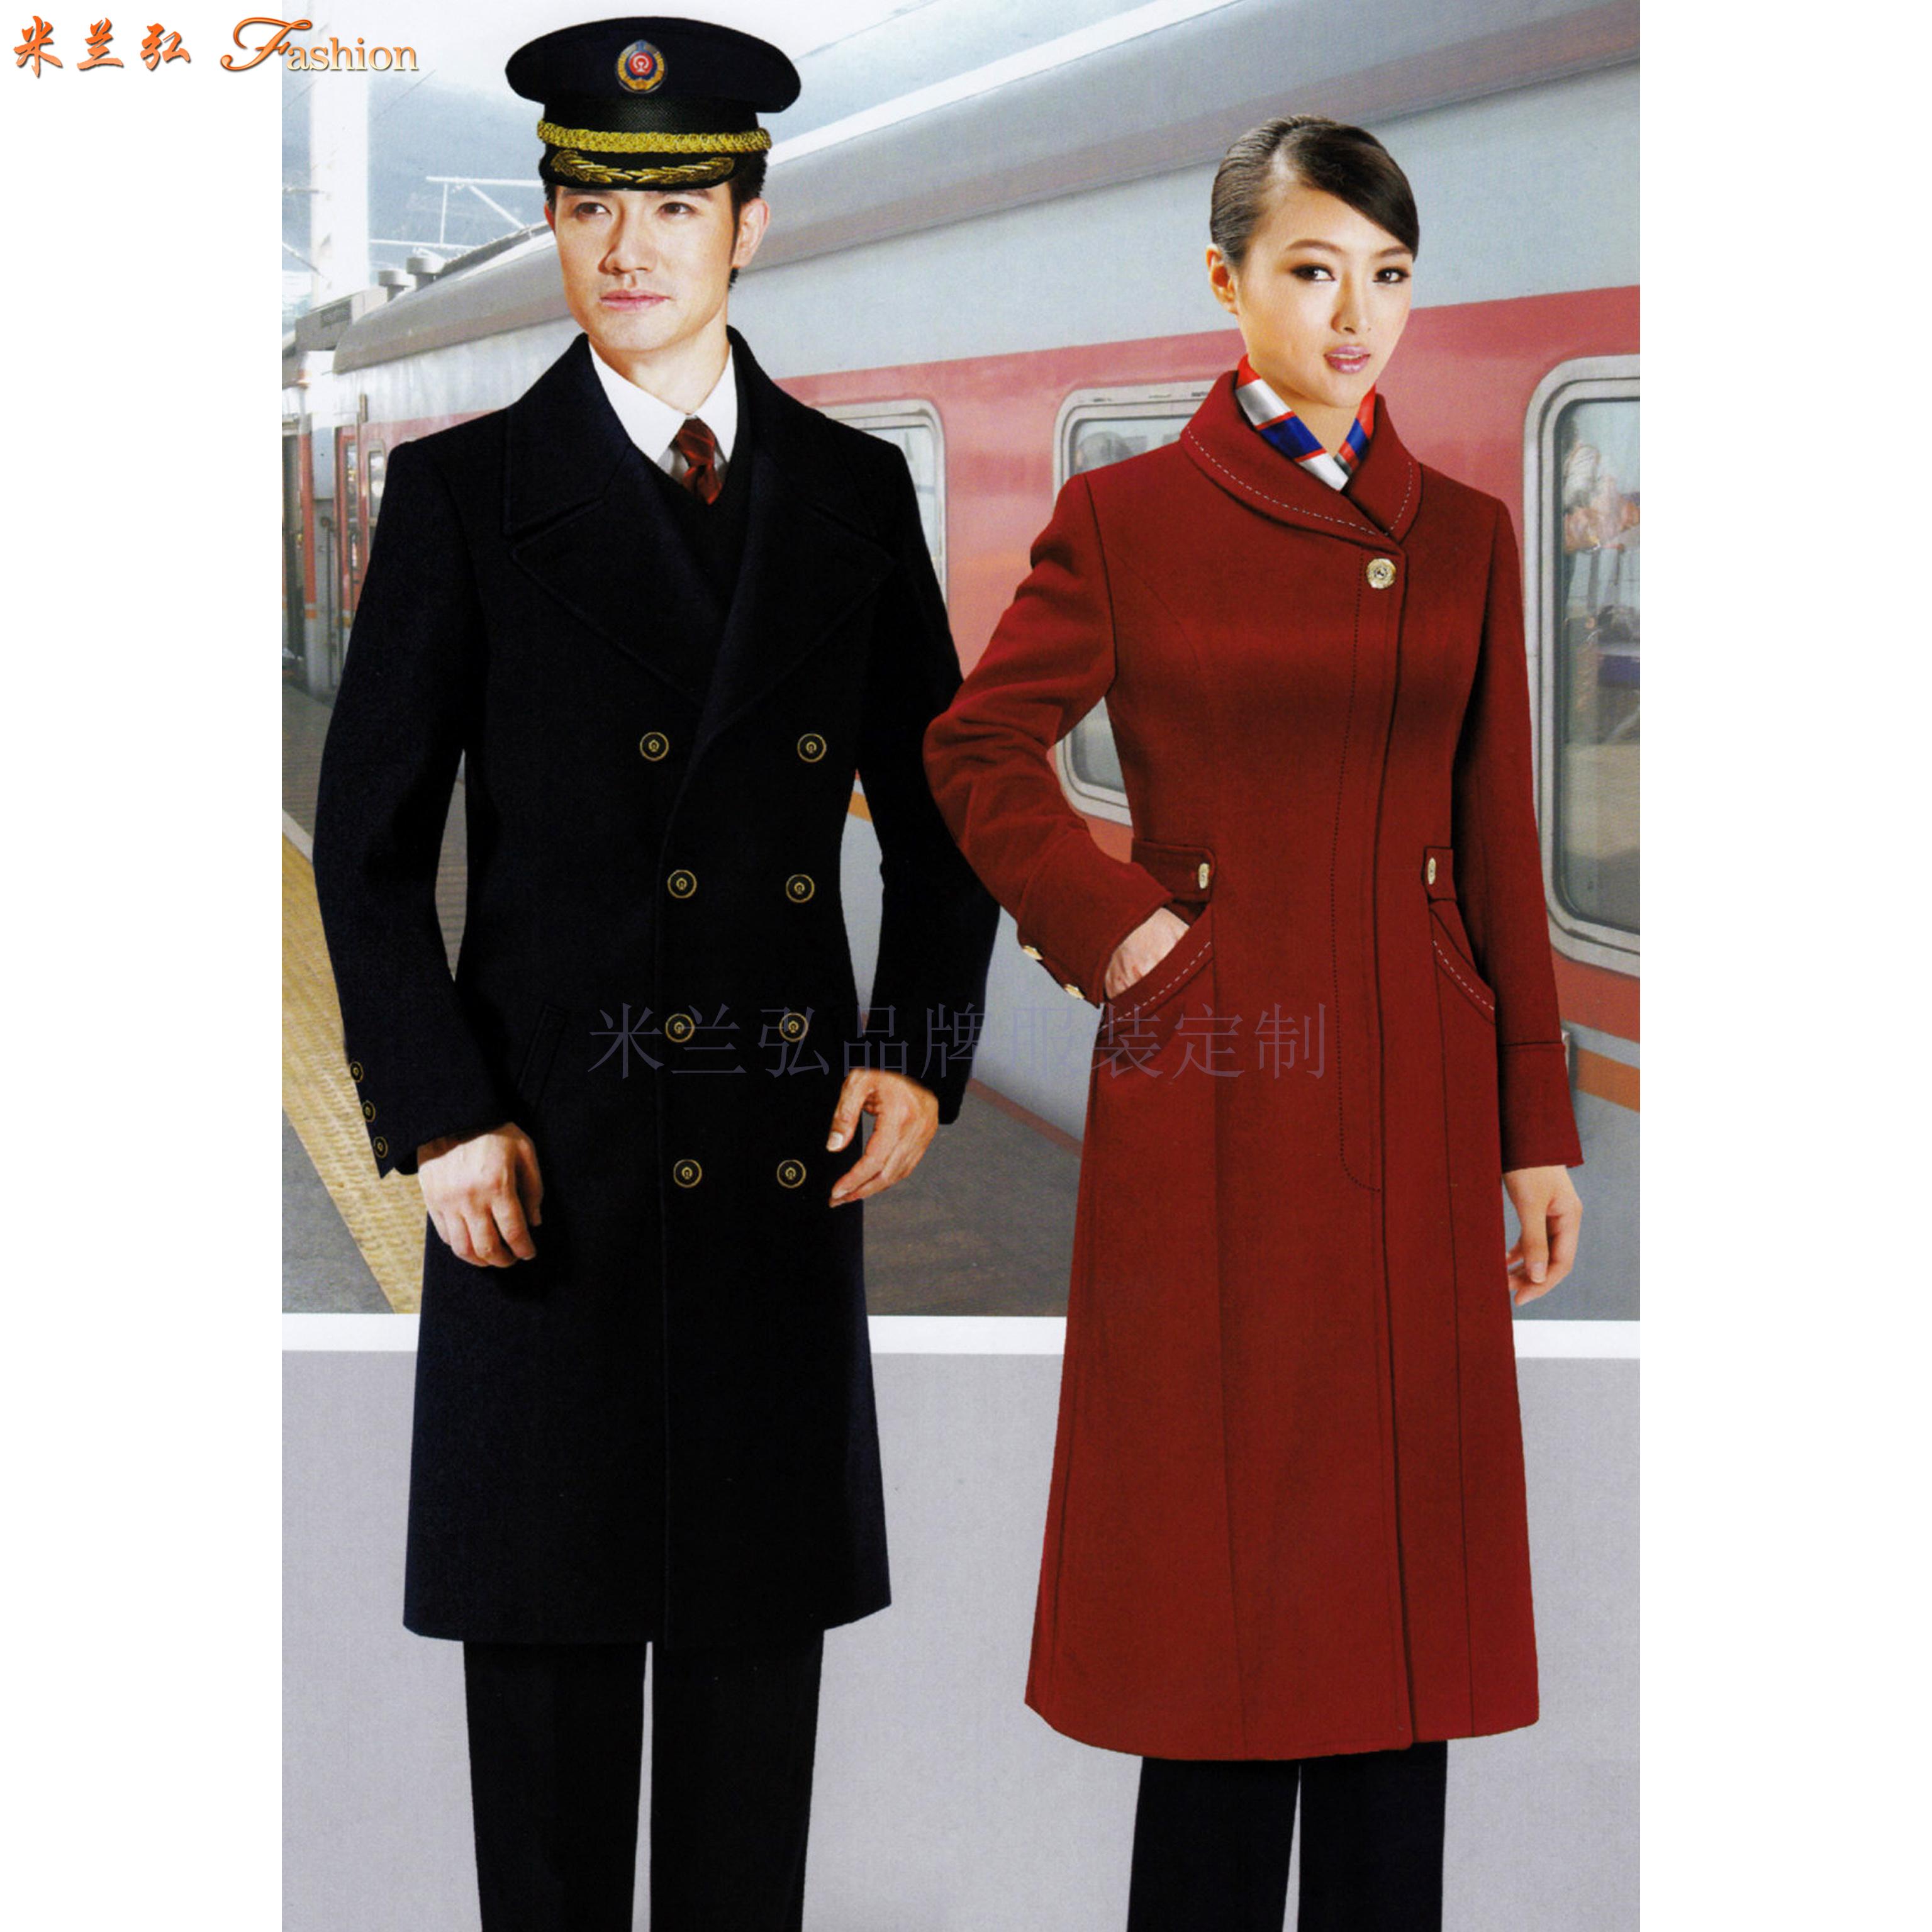 「航空大衣」量身定制各大航空公司的冬季大衣-米蘭弘服裝-1